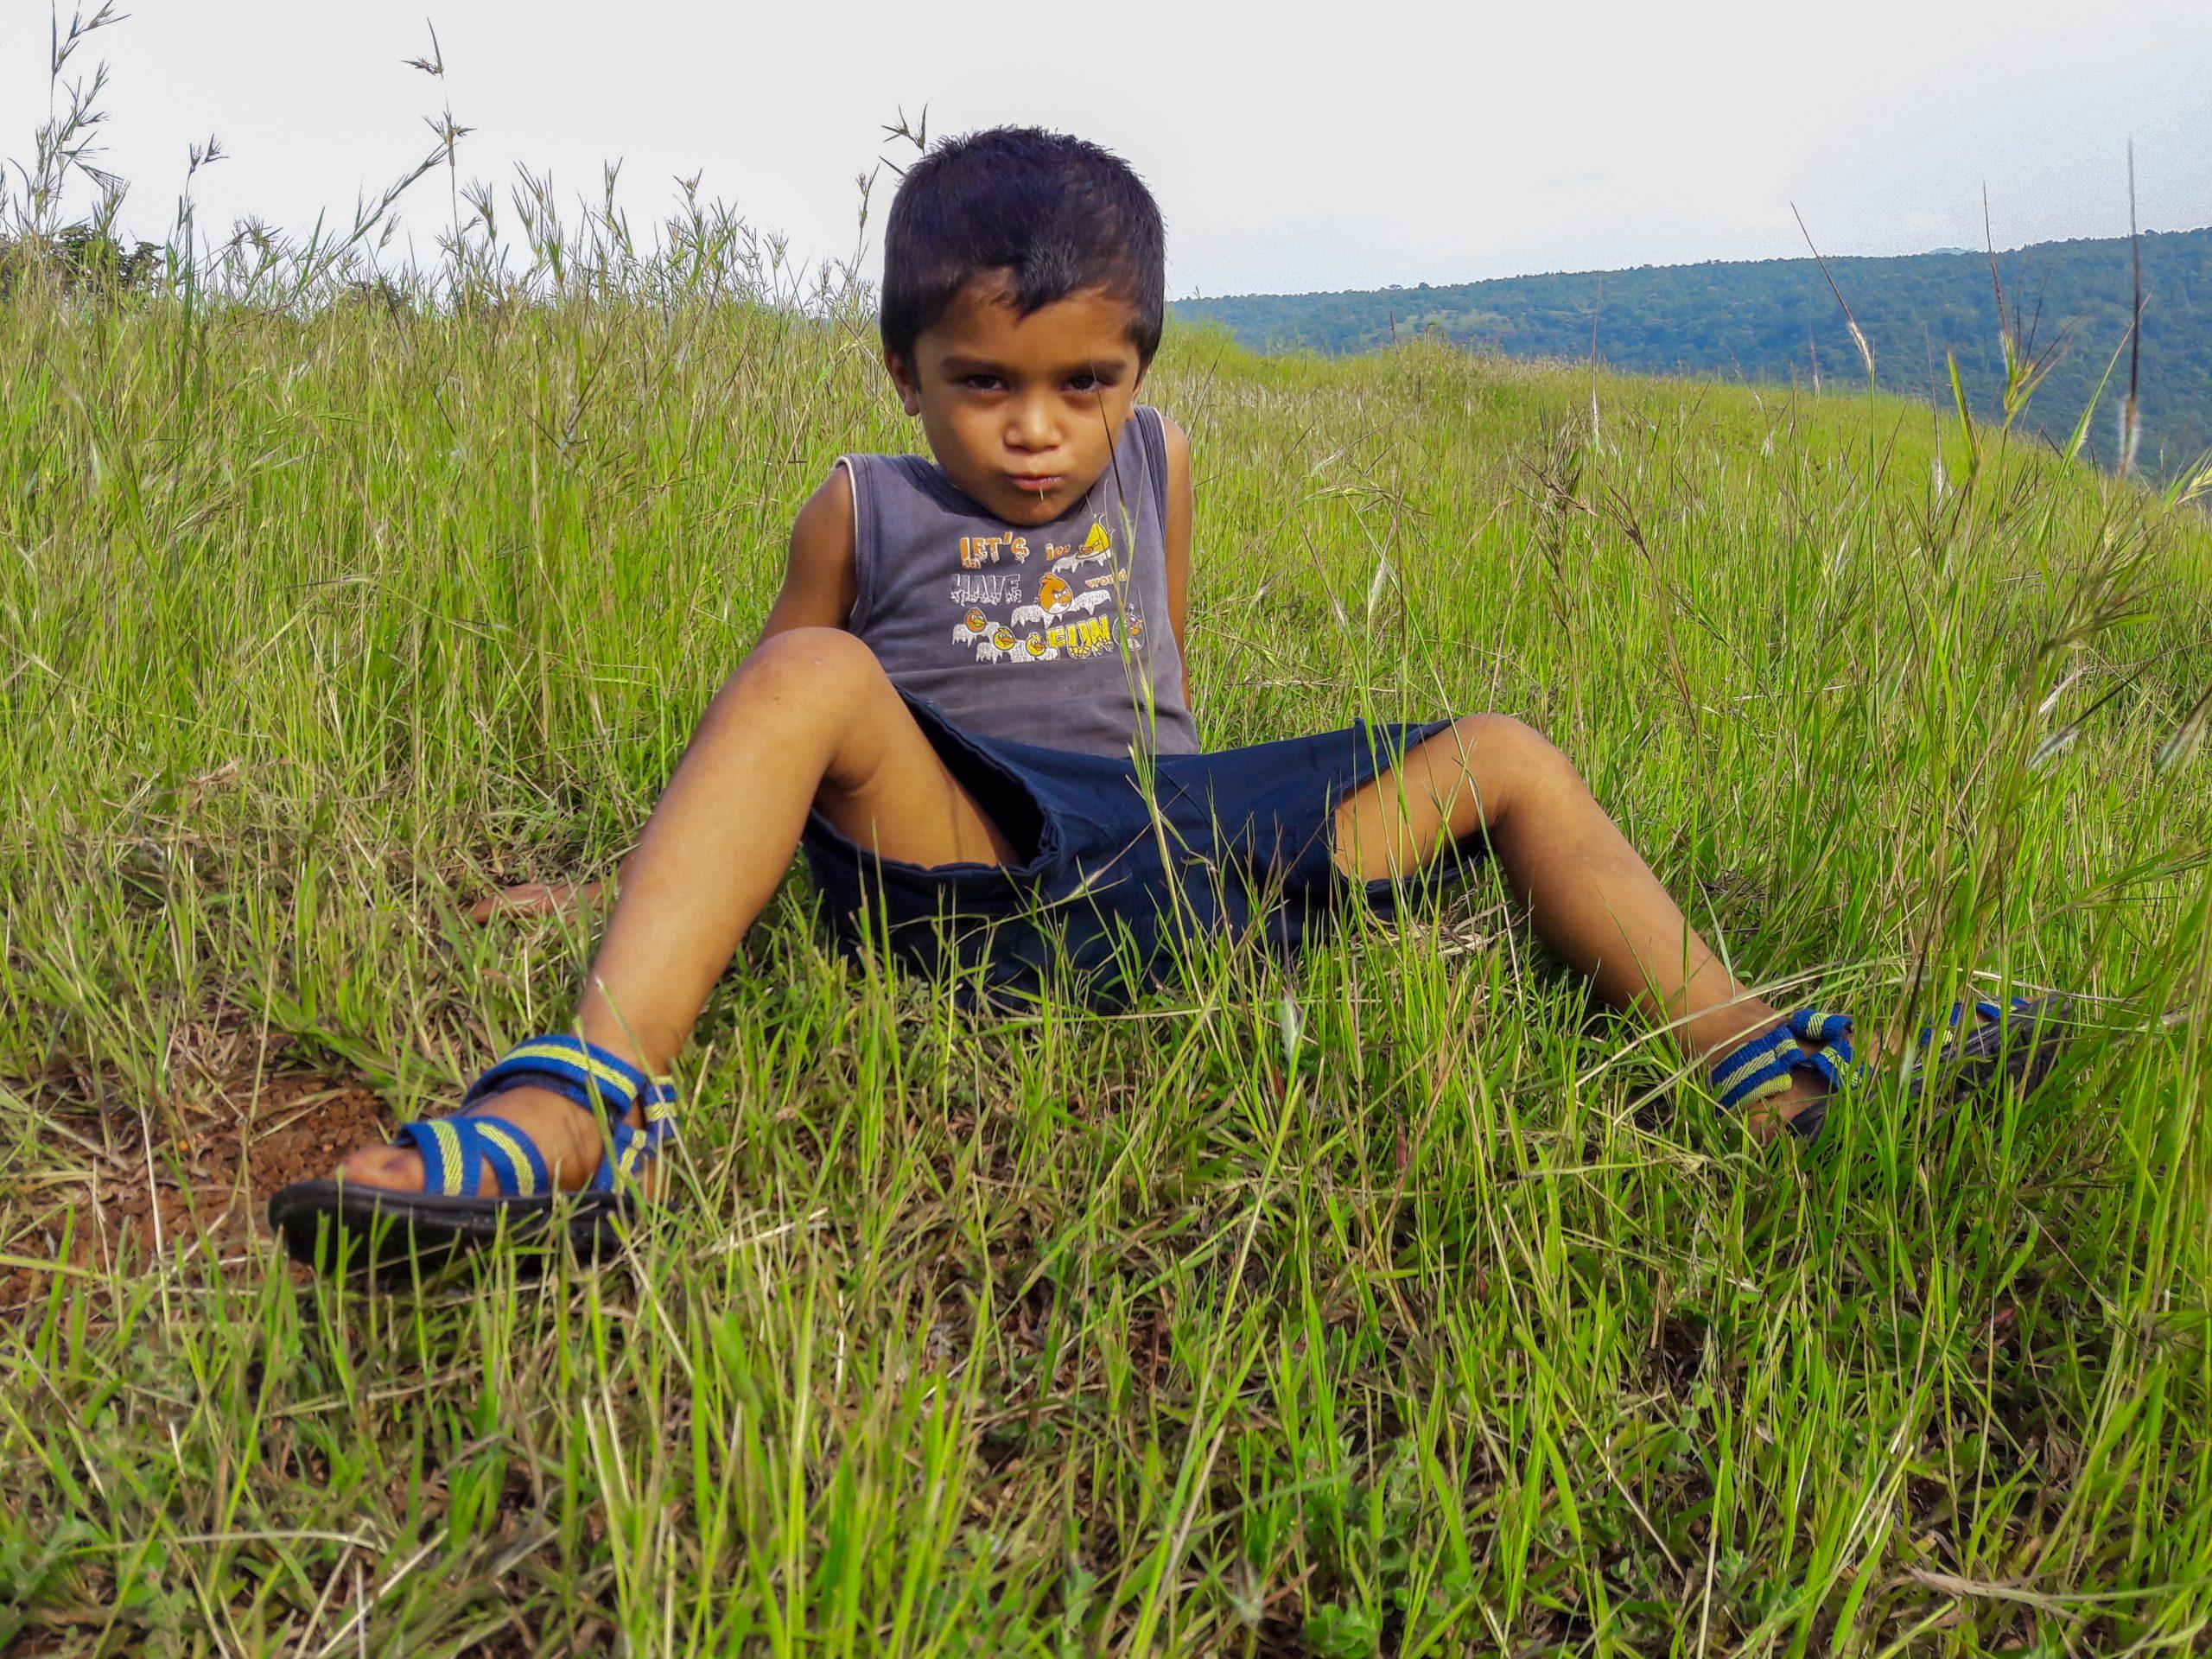 A kid on grass